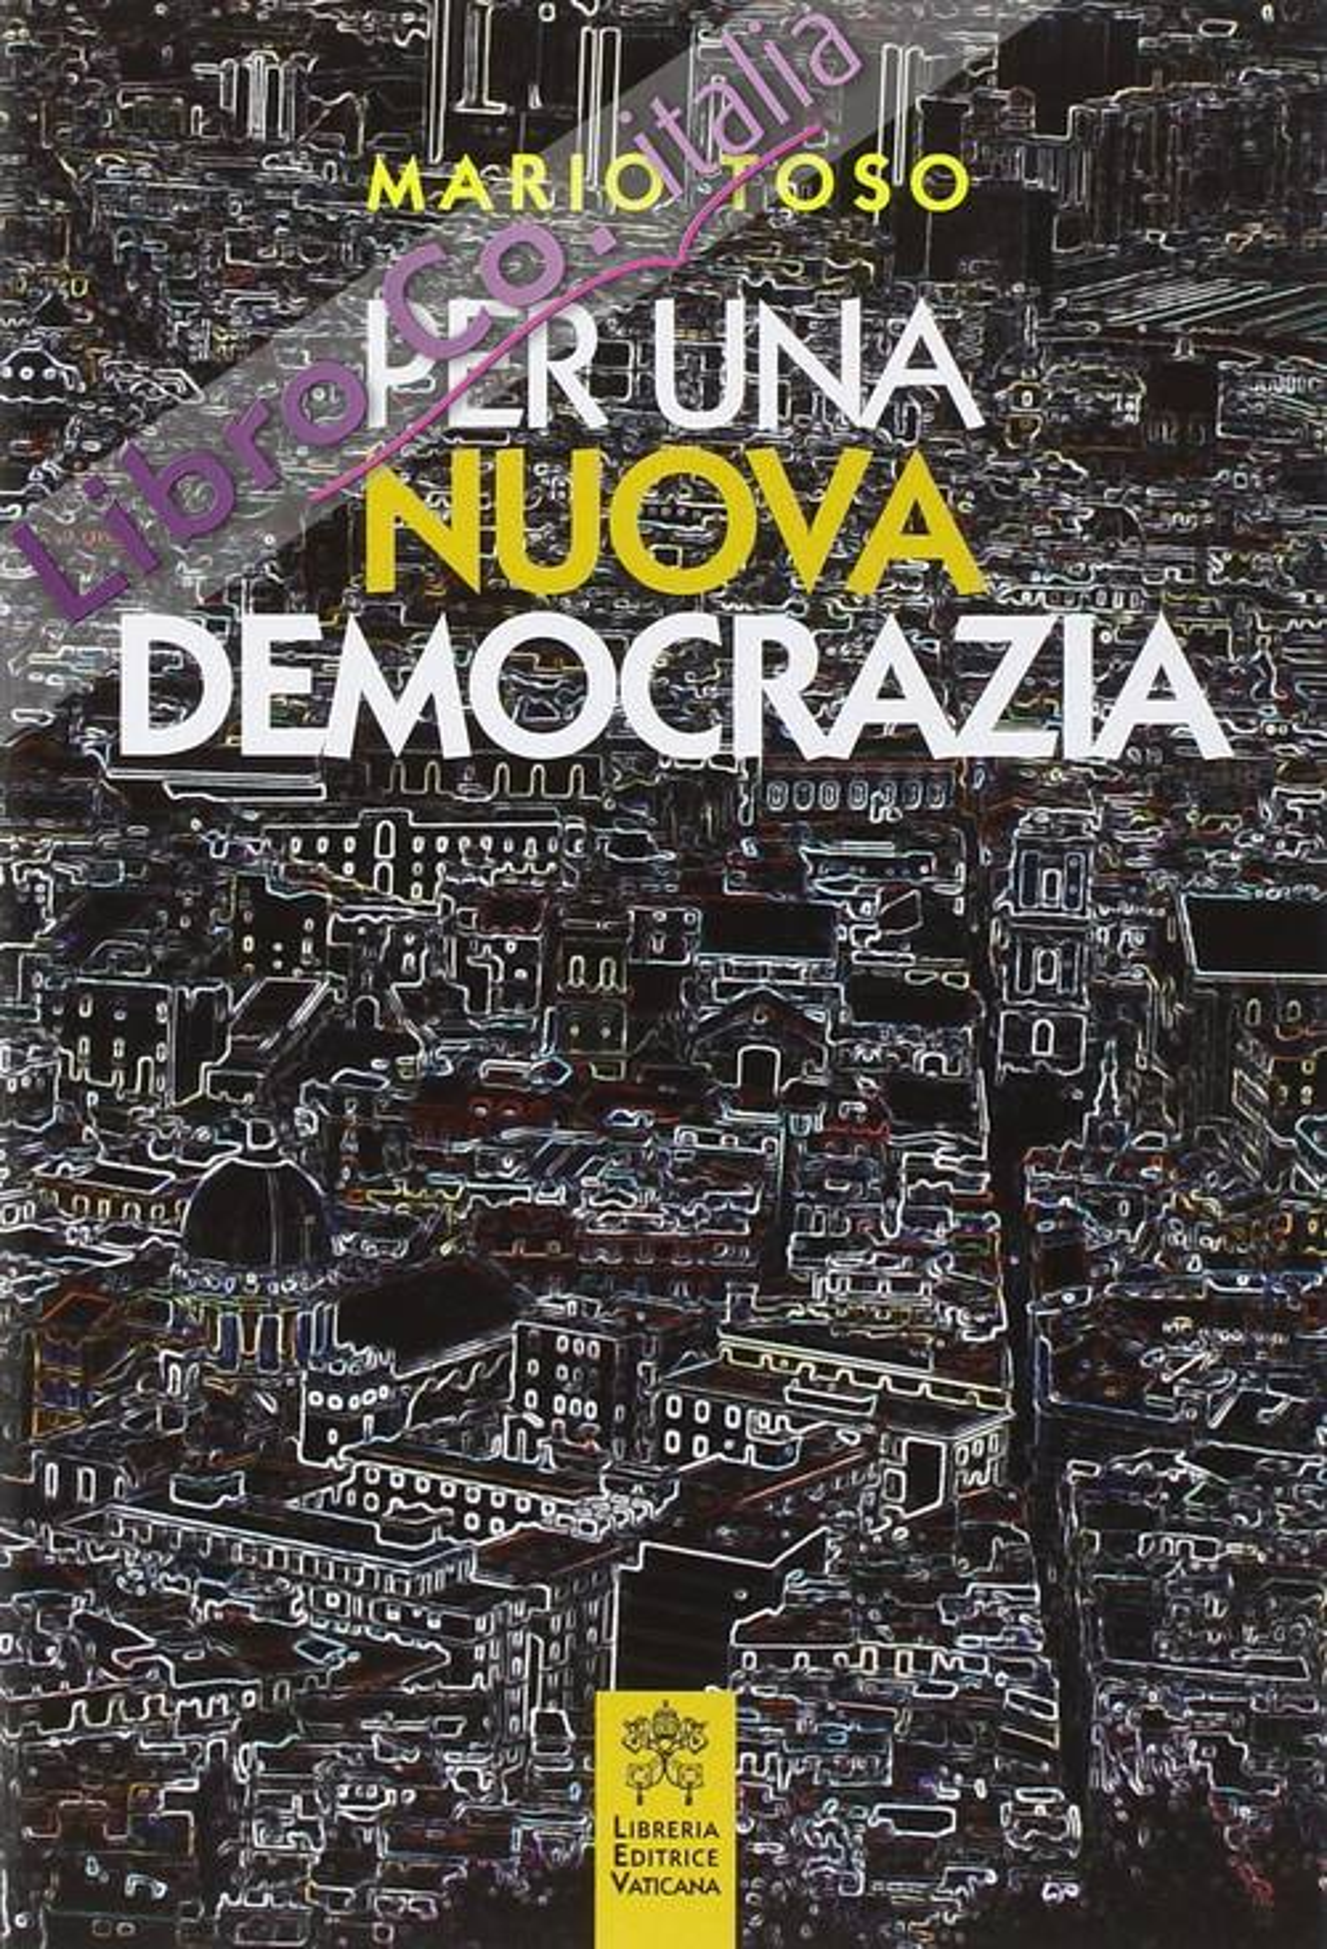 Per una nuova democrazia